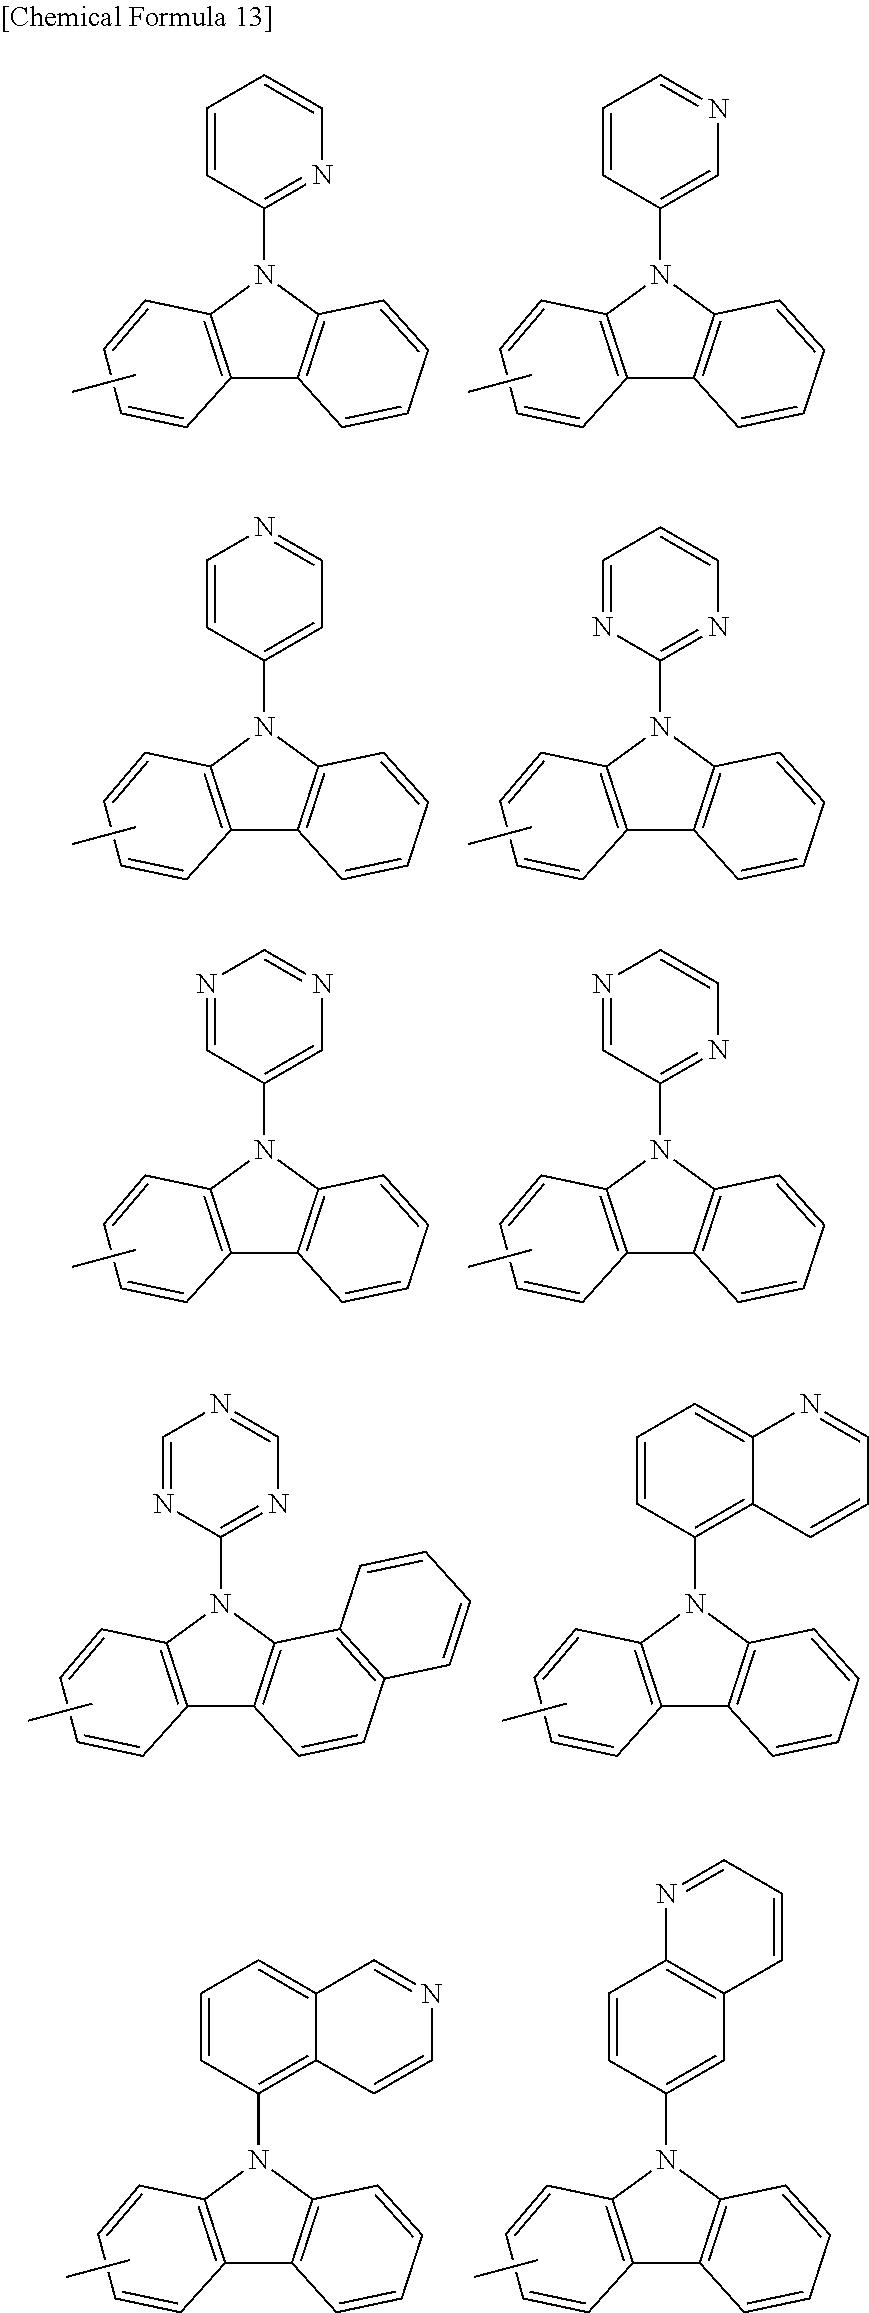 Figure US20150280139A1-20151001-C00020